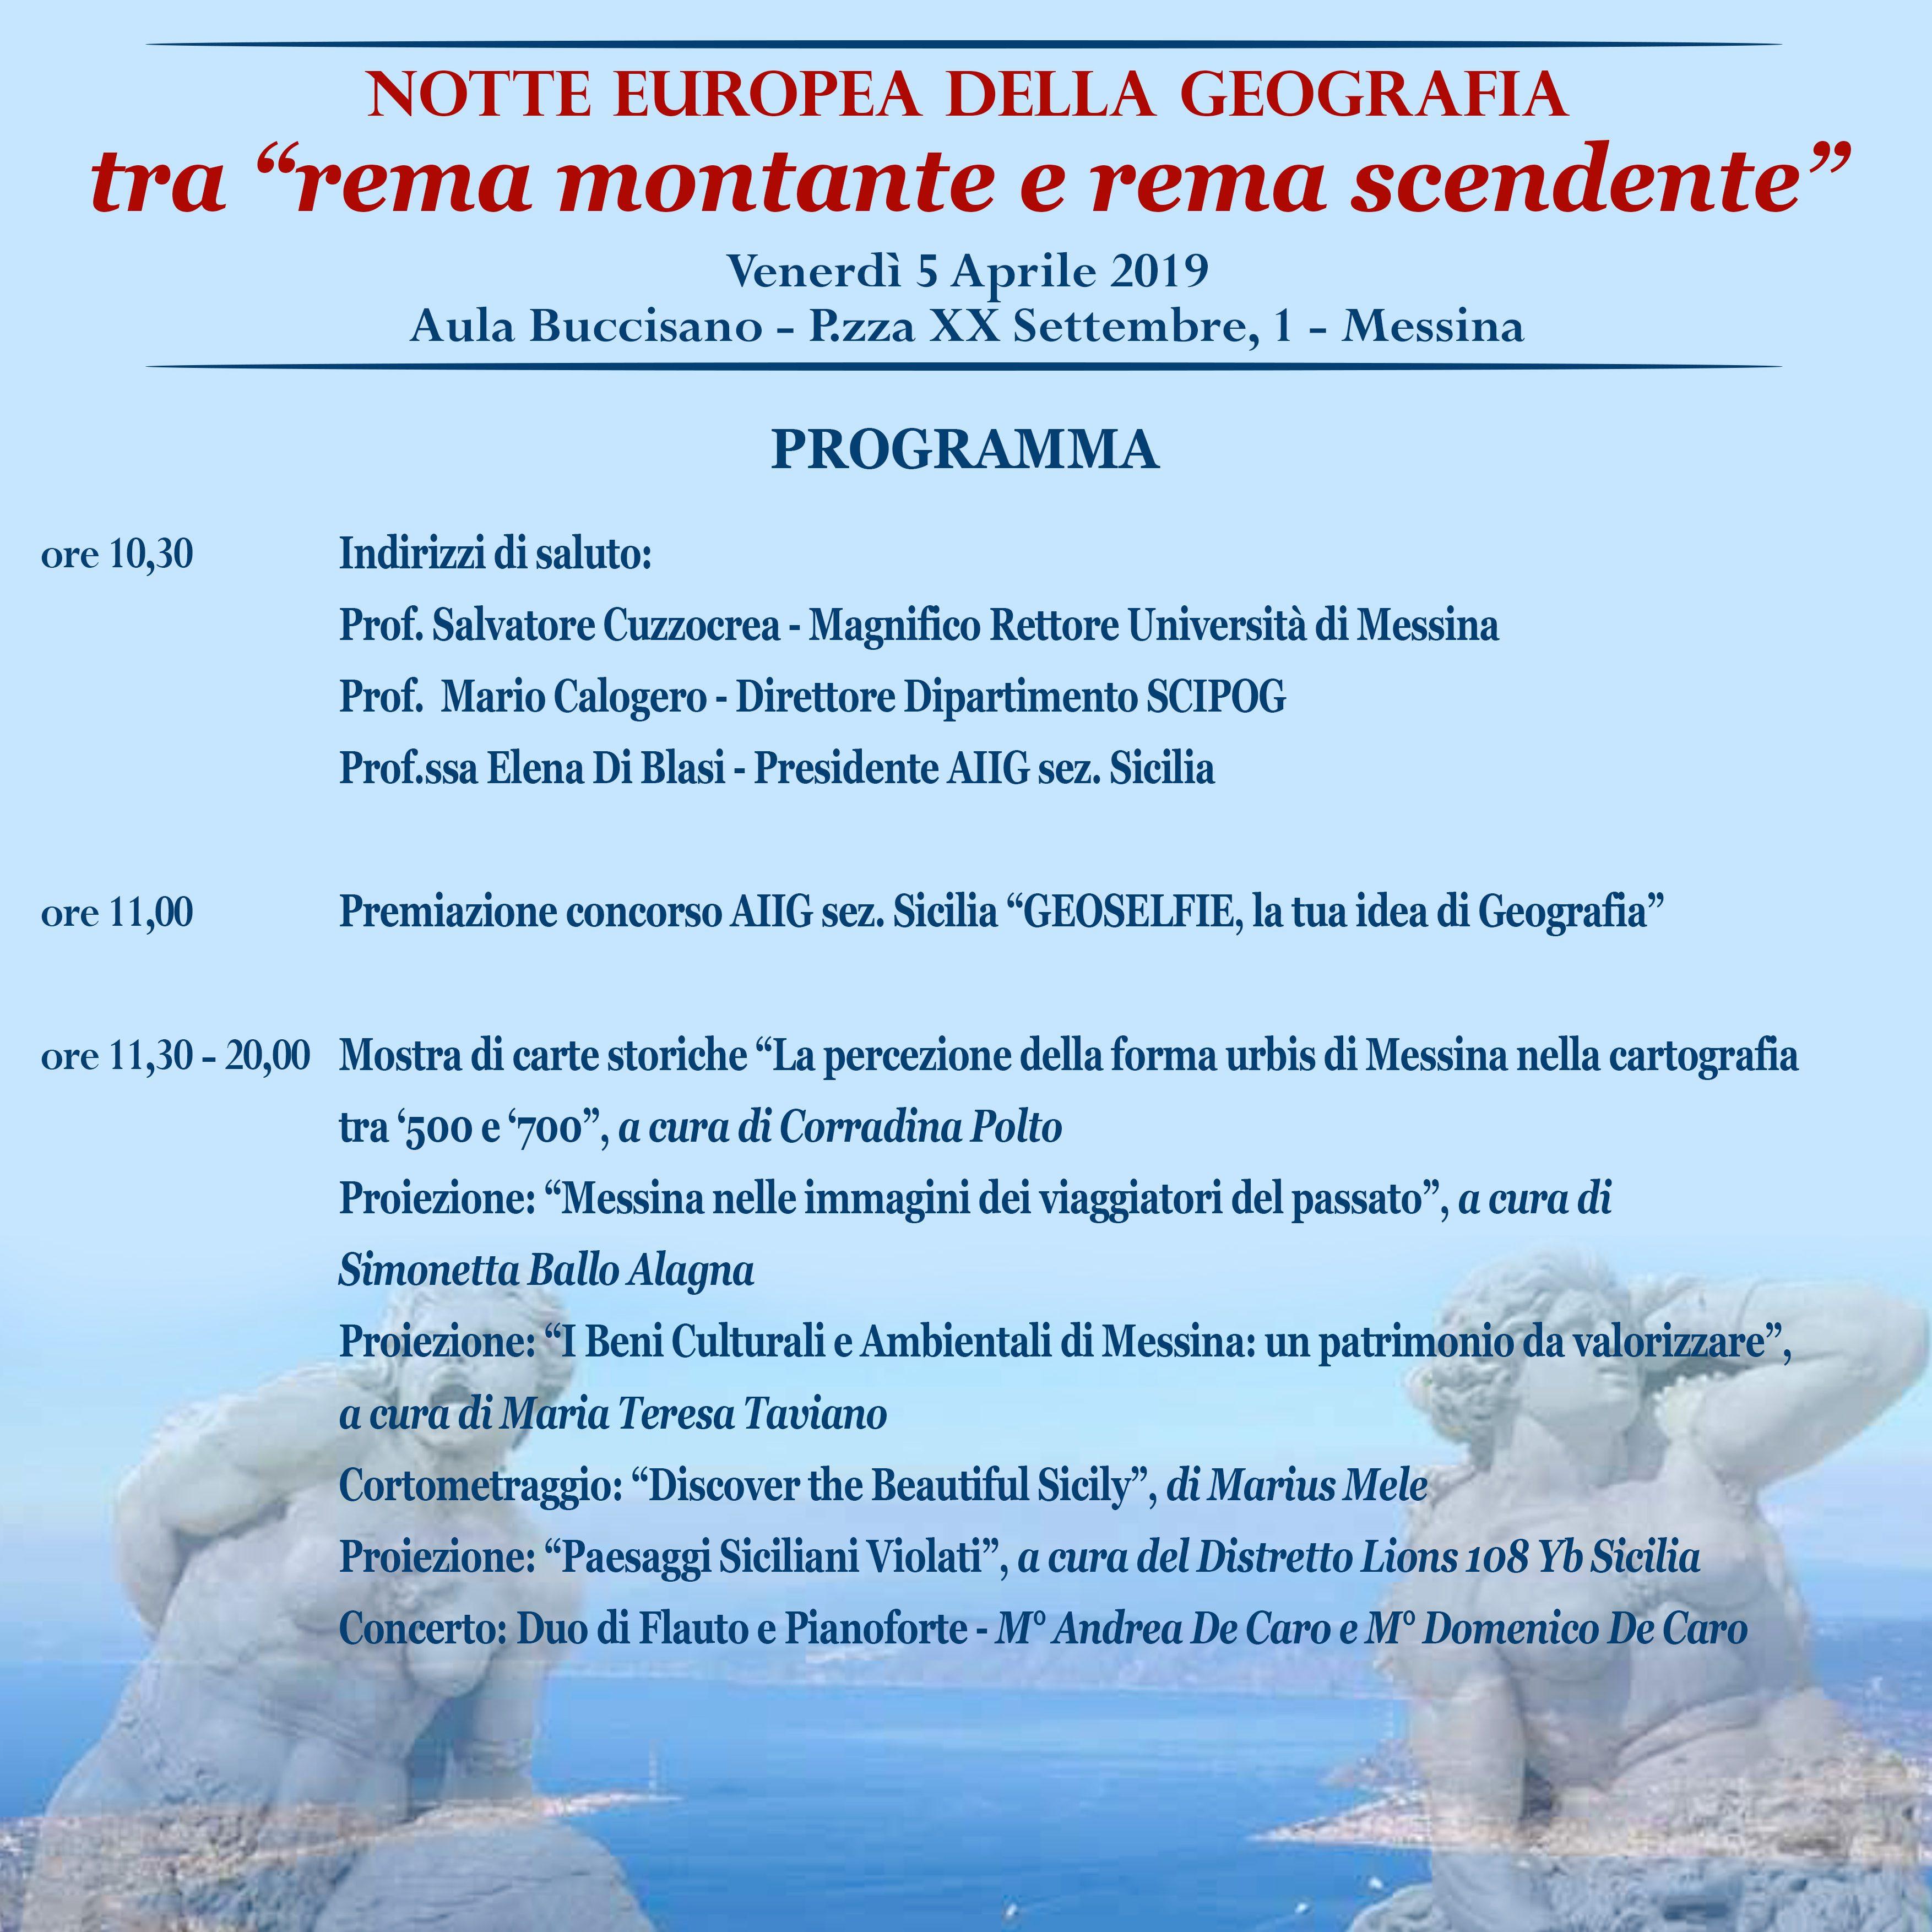 locandina Notte europea della geografia Messina 5 aprile 2019